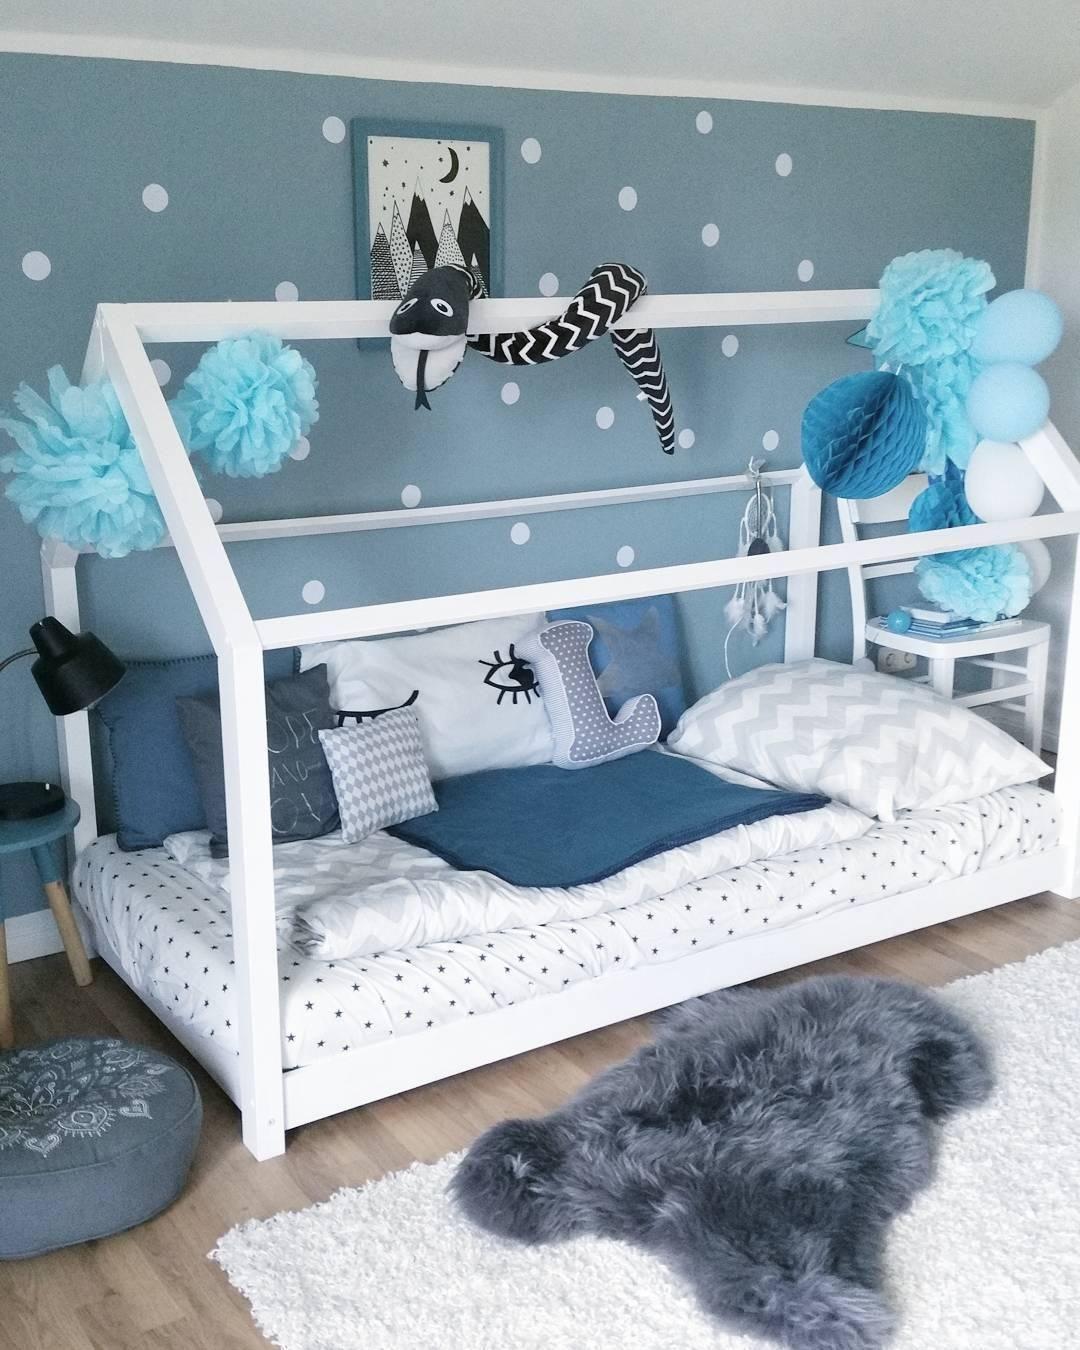 Kinderzimmer-Träume werden wahr. Mit diesem süßen Hausbett in ...